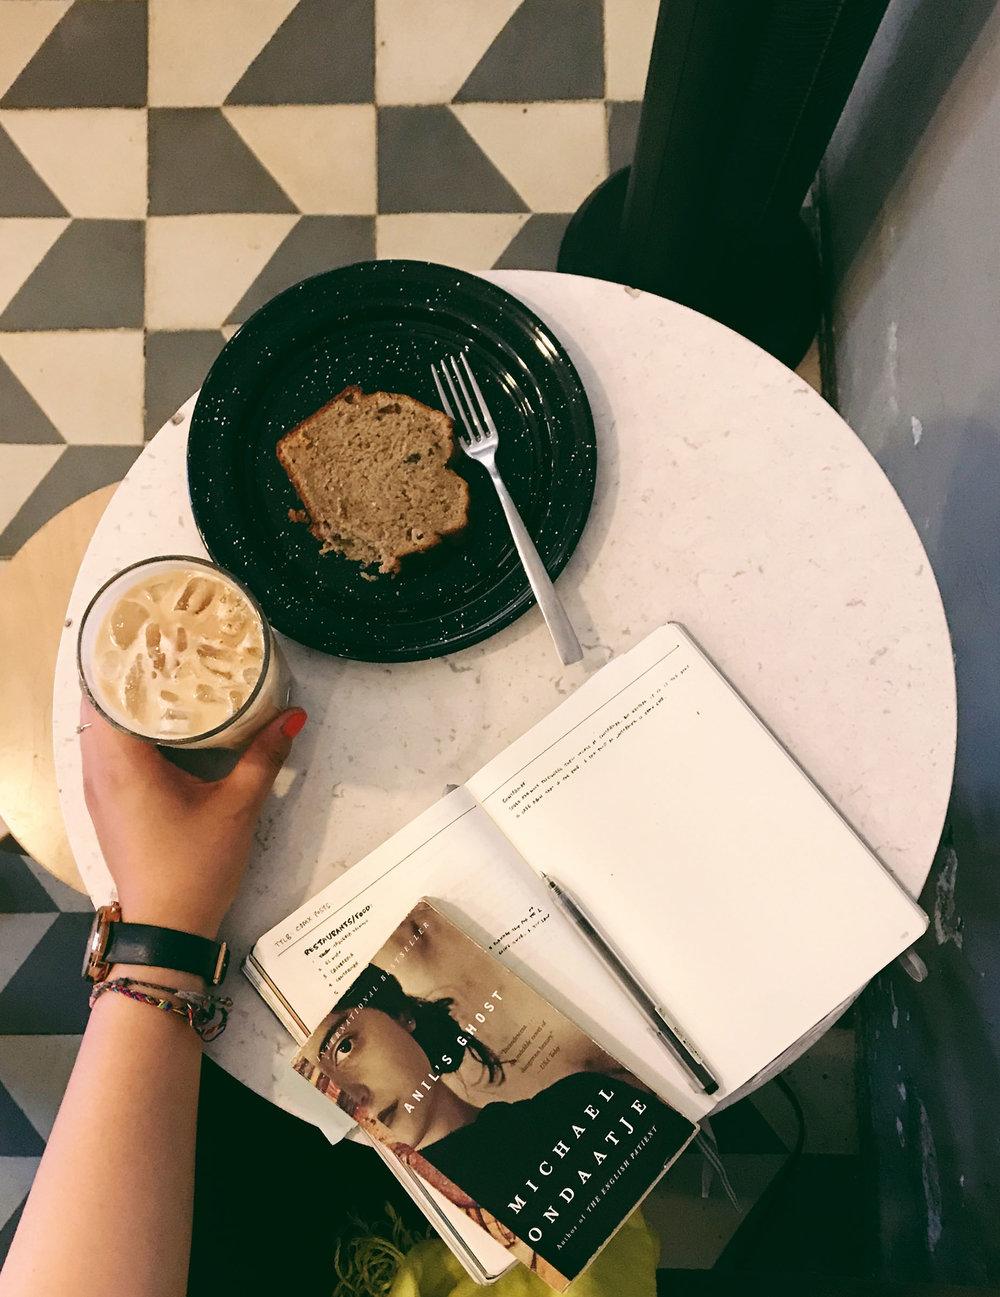 cdmx-02-coffee.jpg